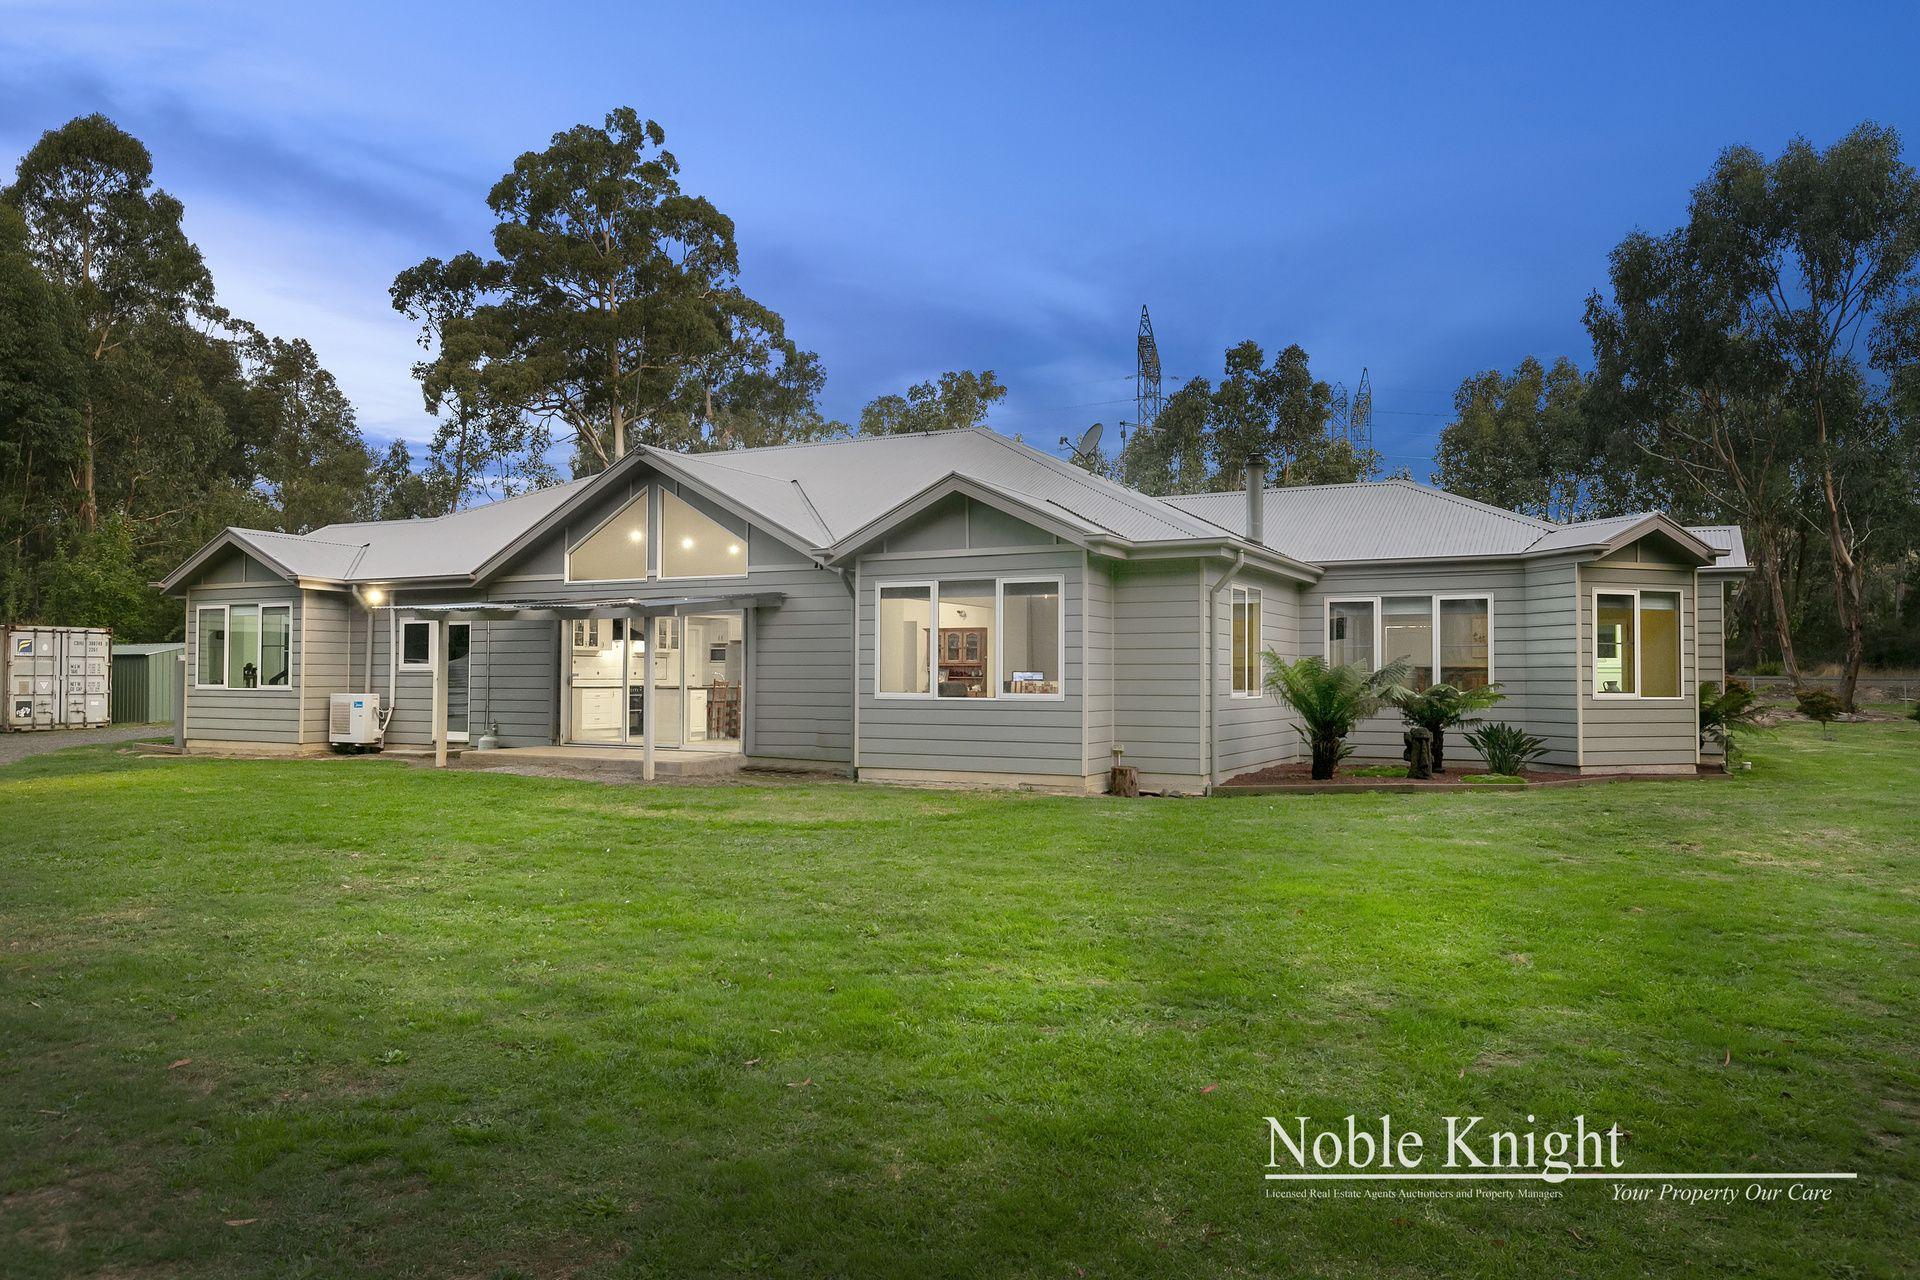 1201 Kinglake - Glenburn Road, Glenburn